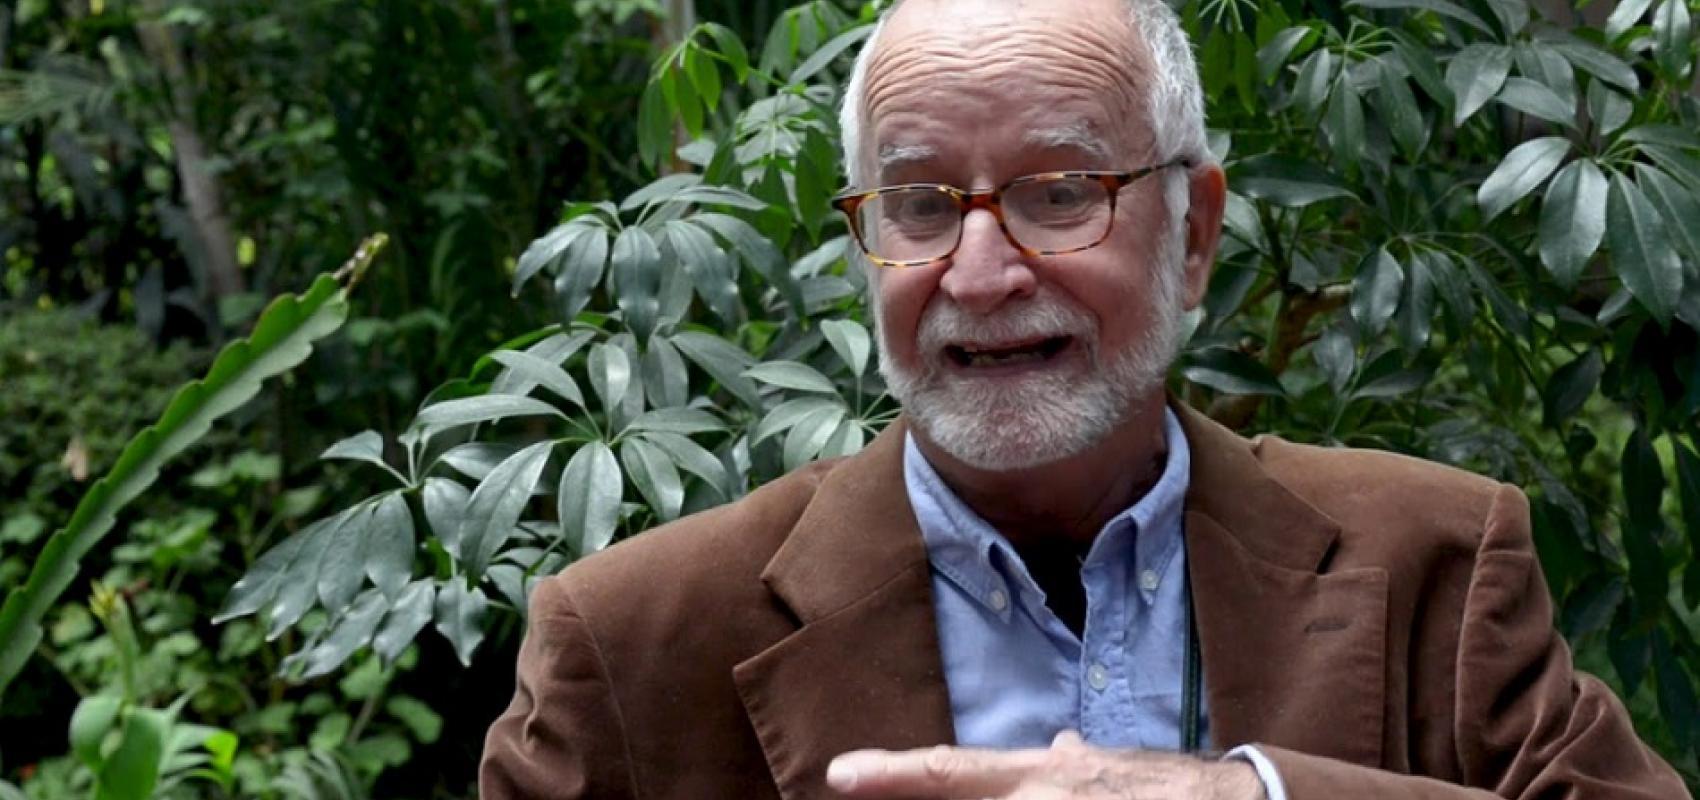 El crítico y curador de arte Nelson Herrera Ysla. Foto: Tomada de Cubacine.